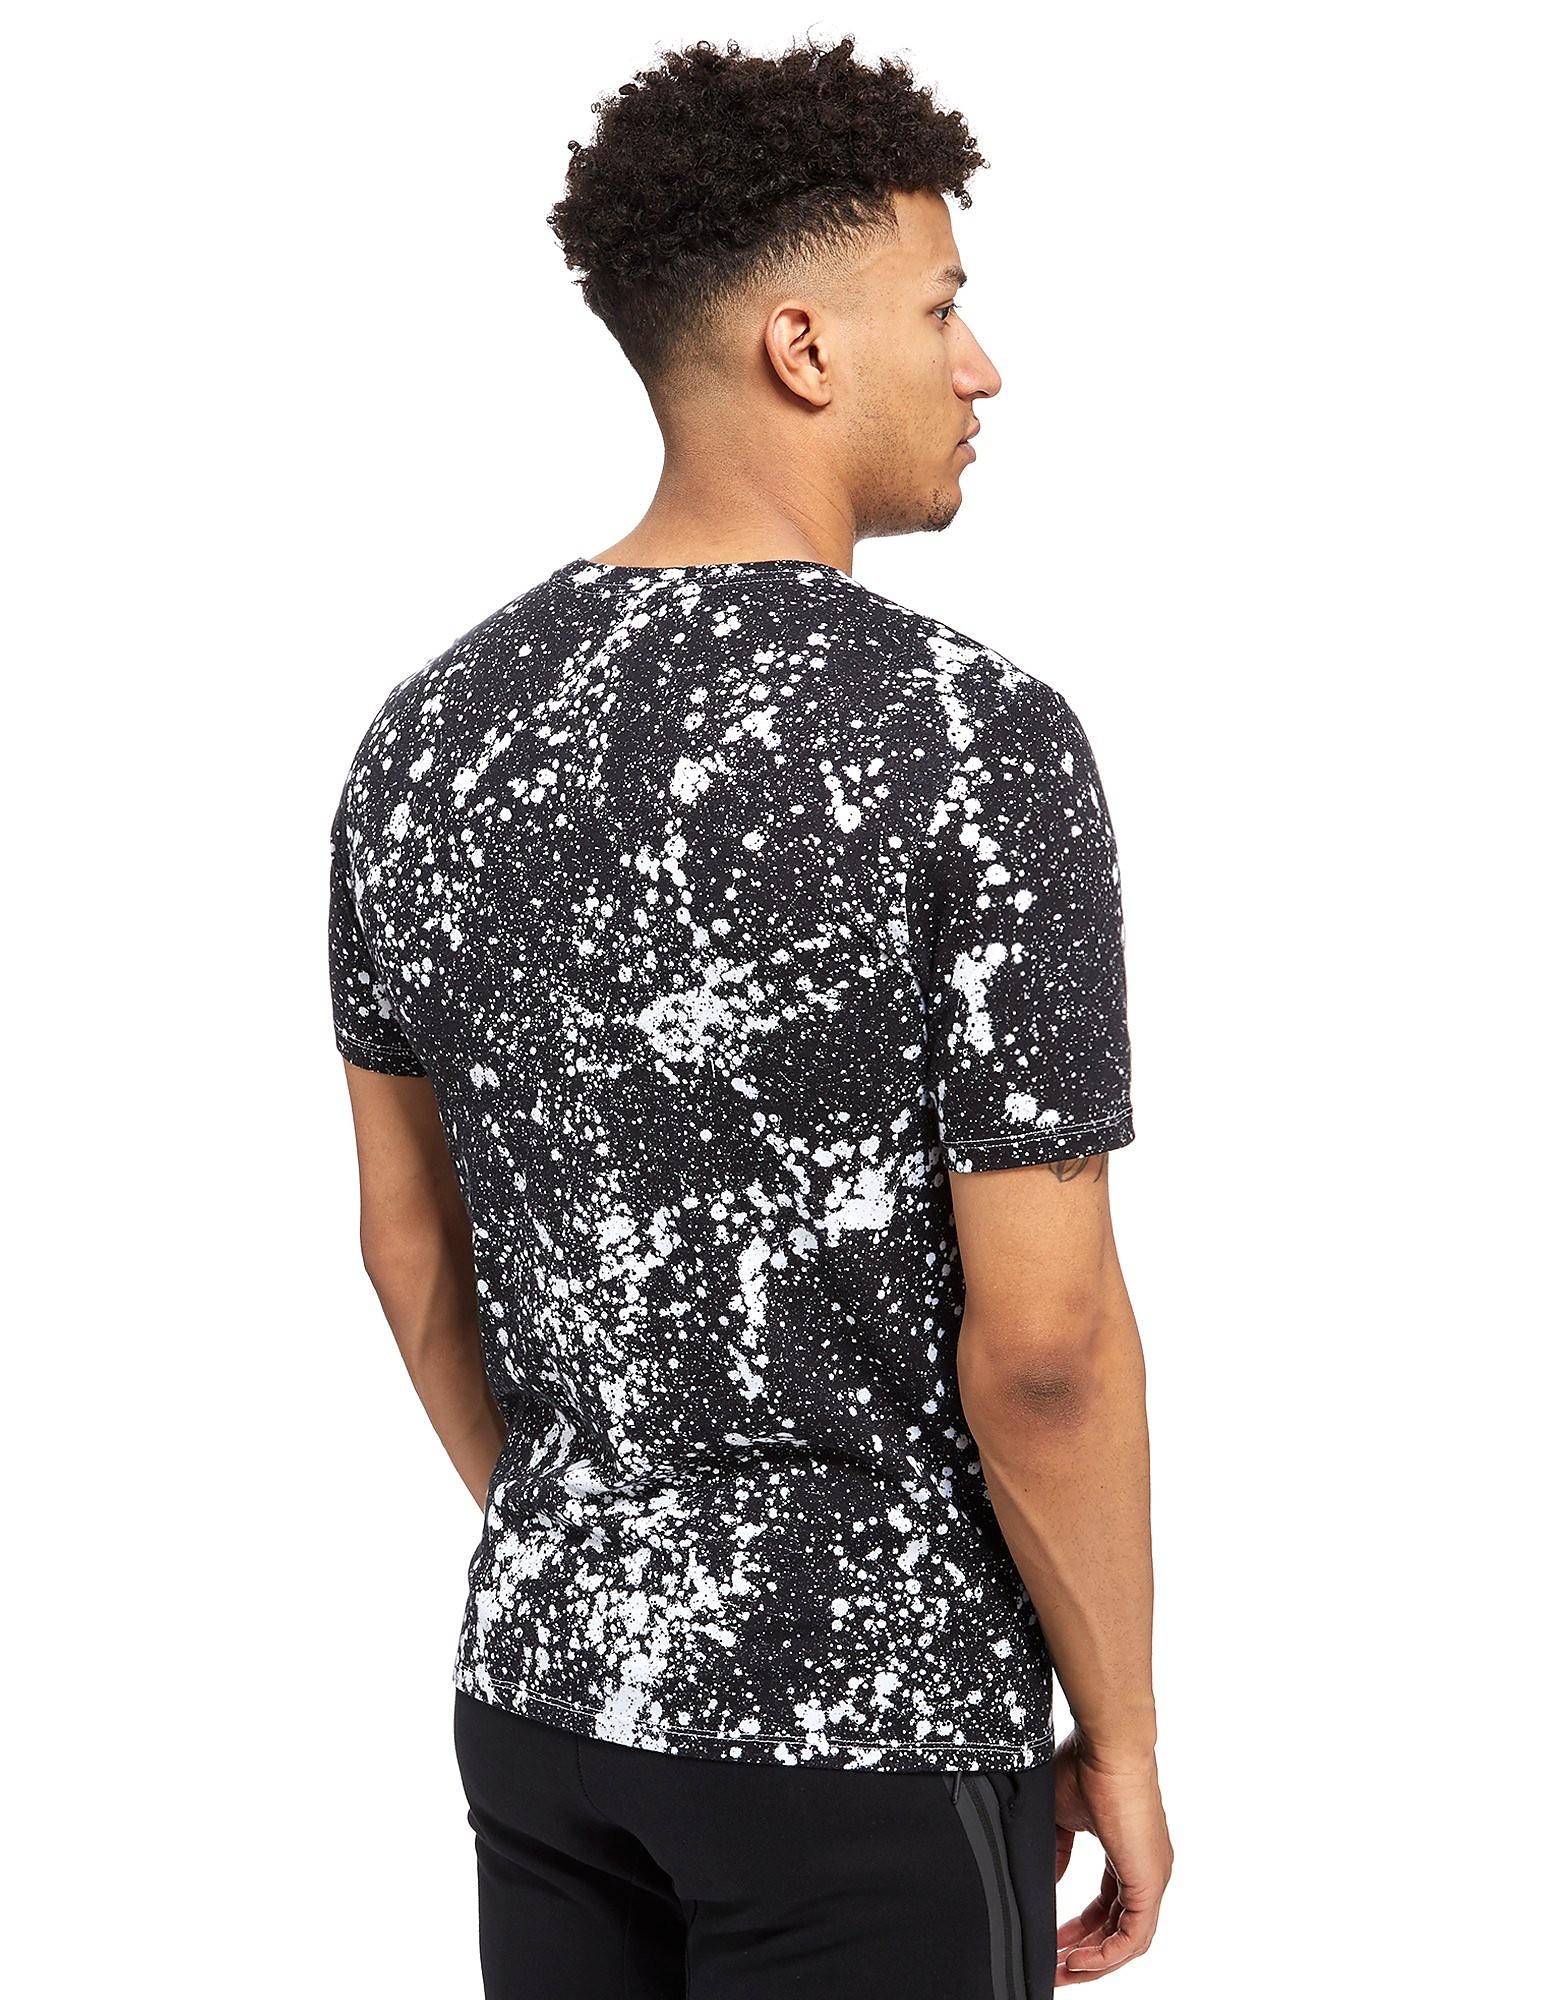 Nike Splatter T-Shirt